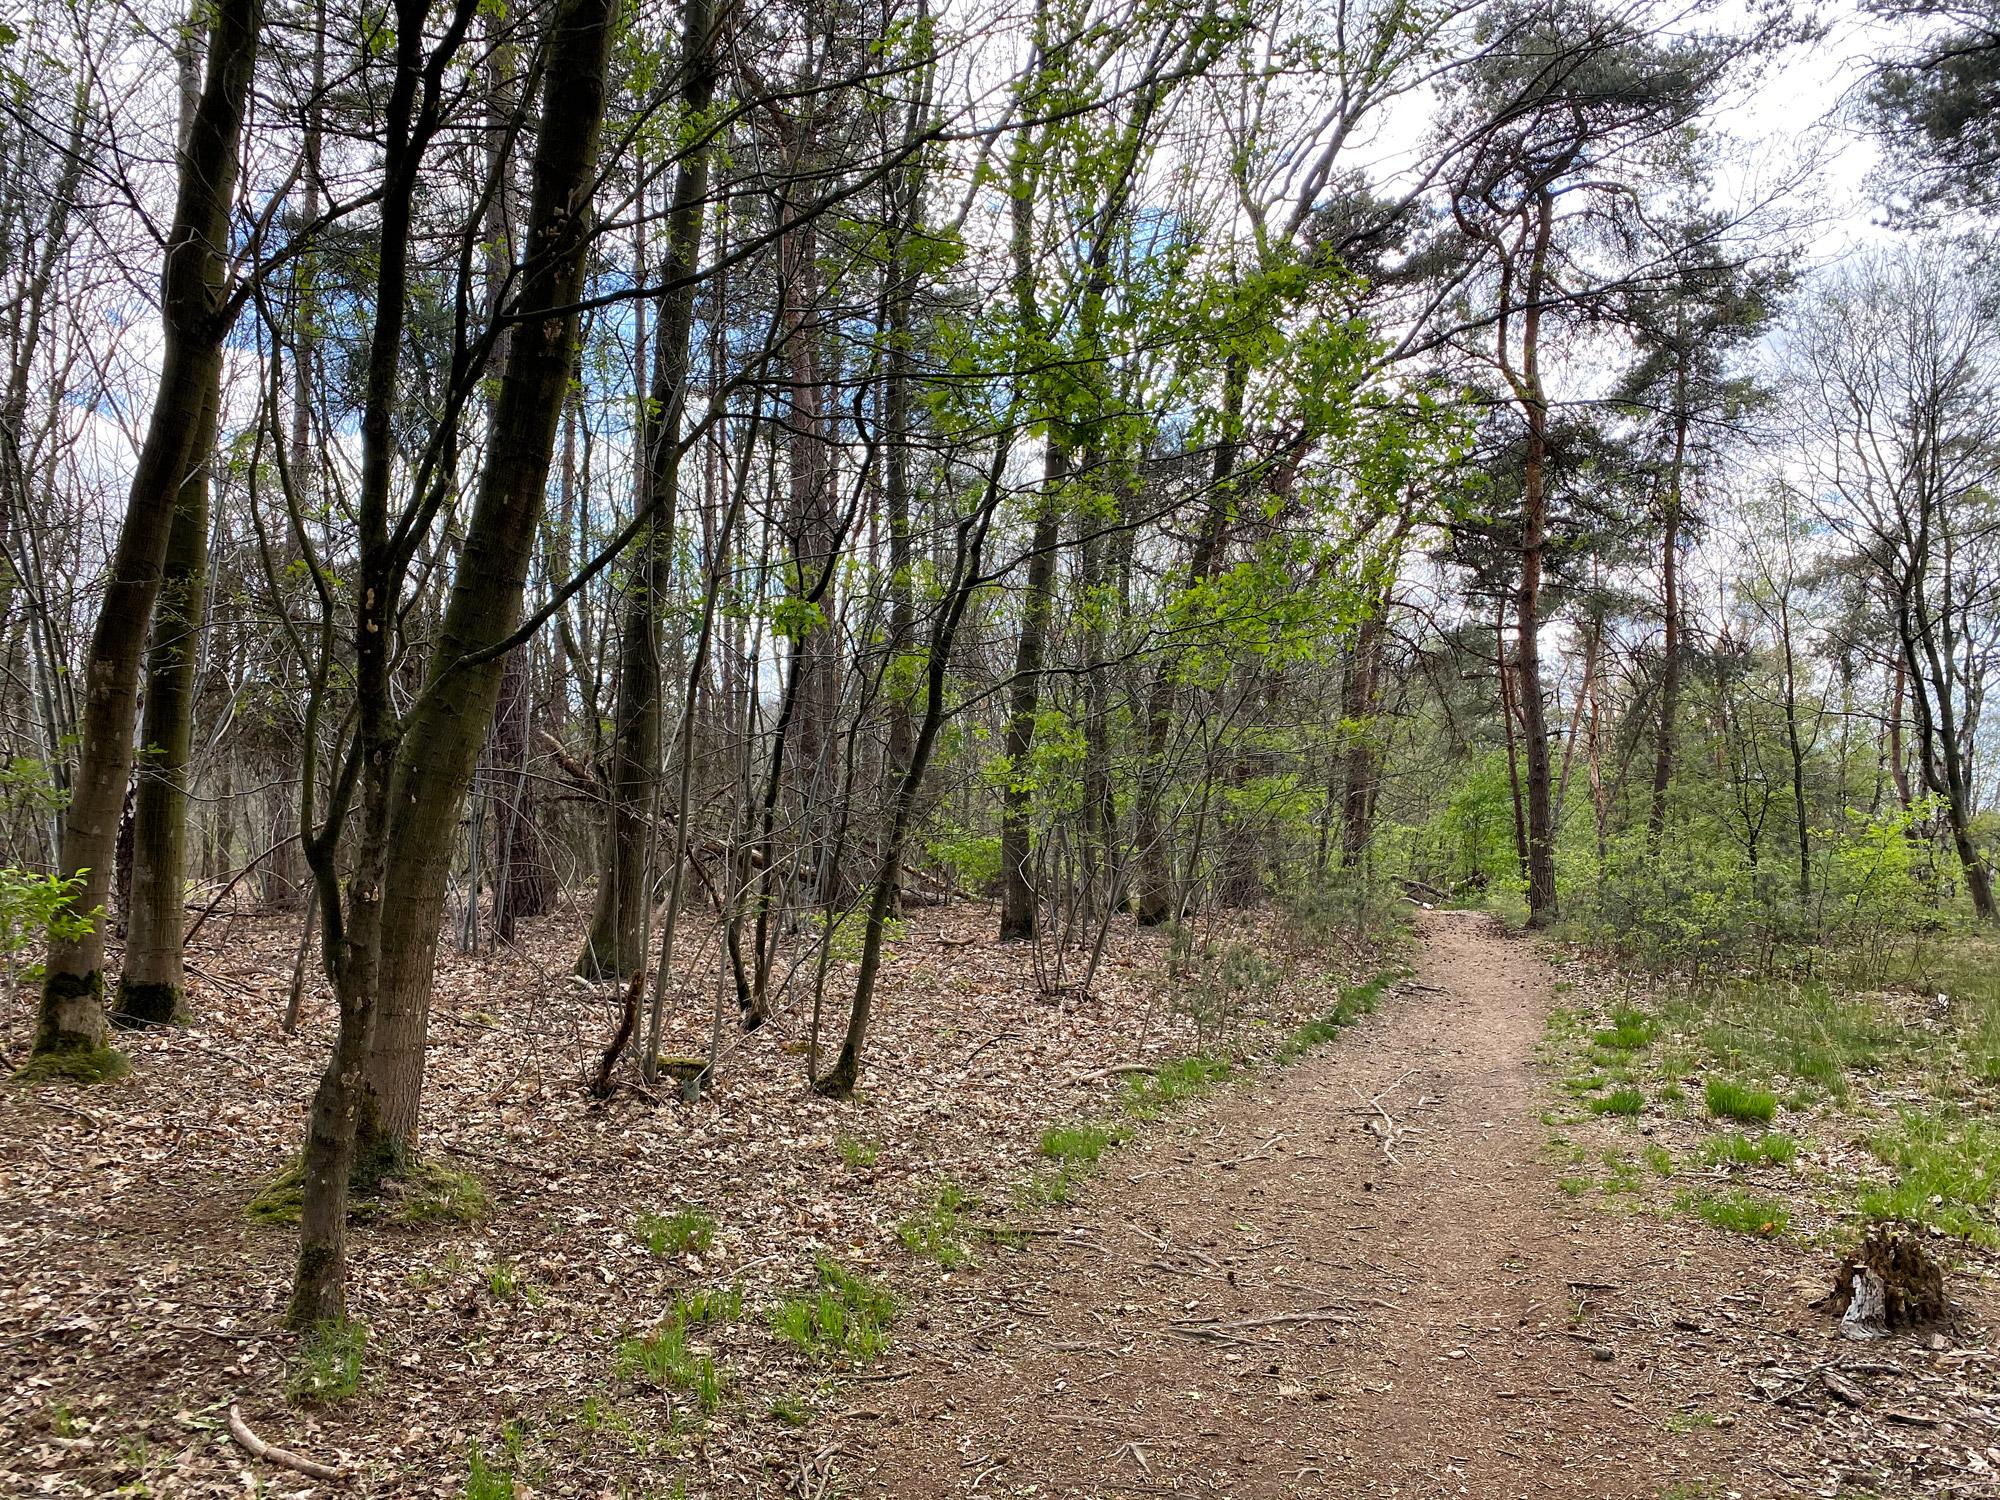 Heide en vennen route in Geldrop - Braakhuizense Heide